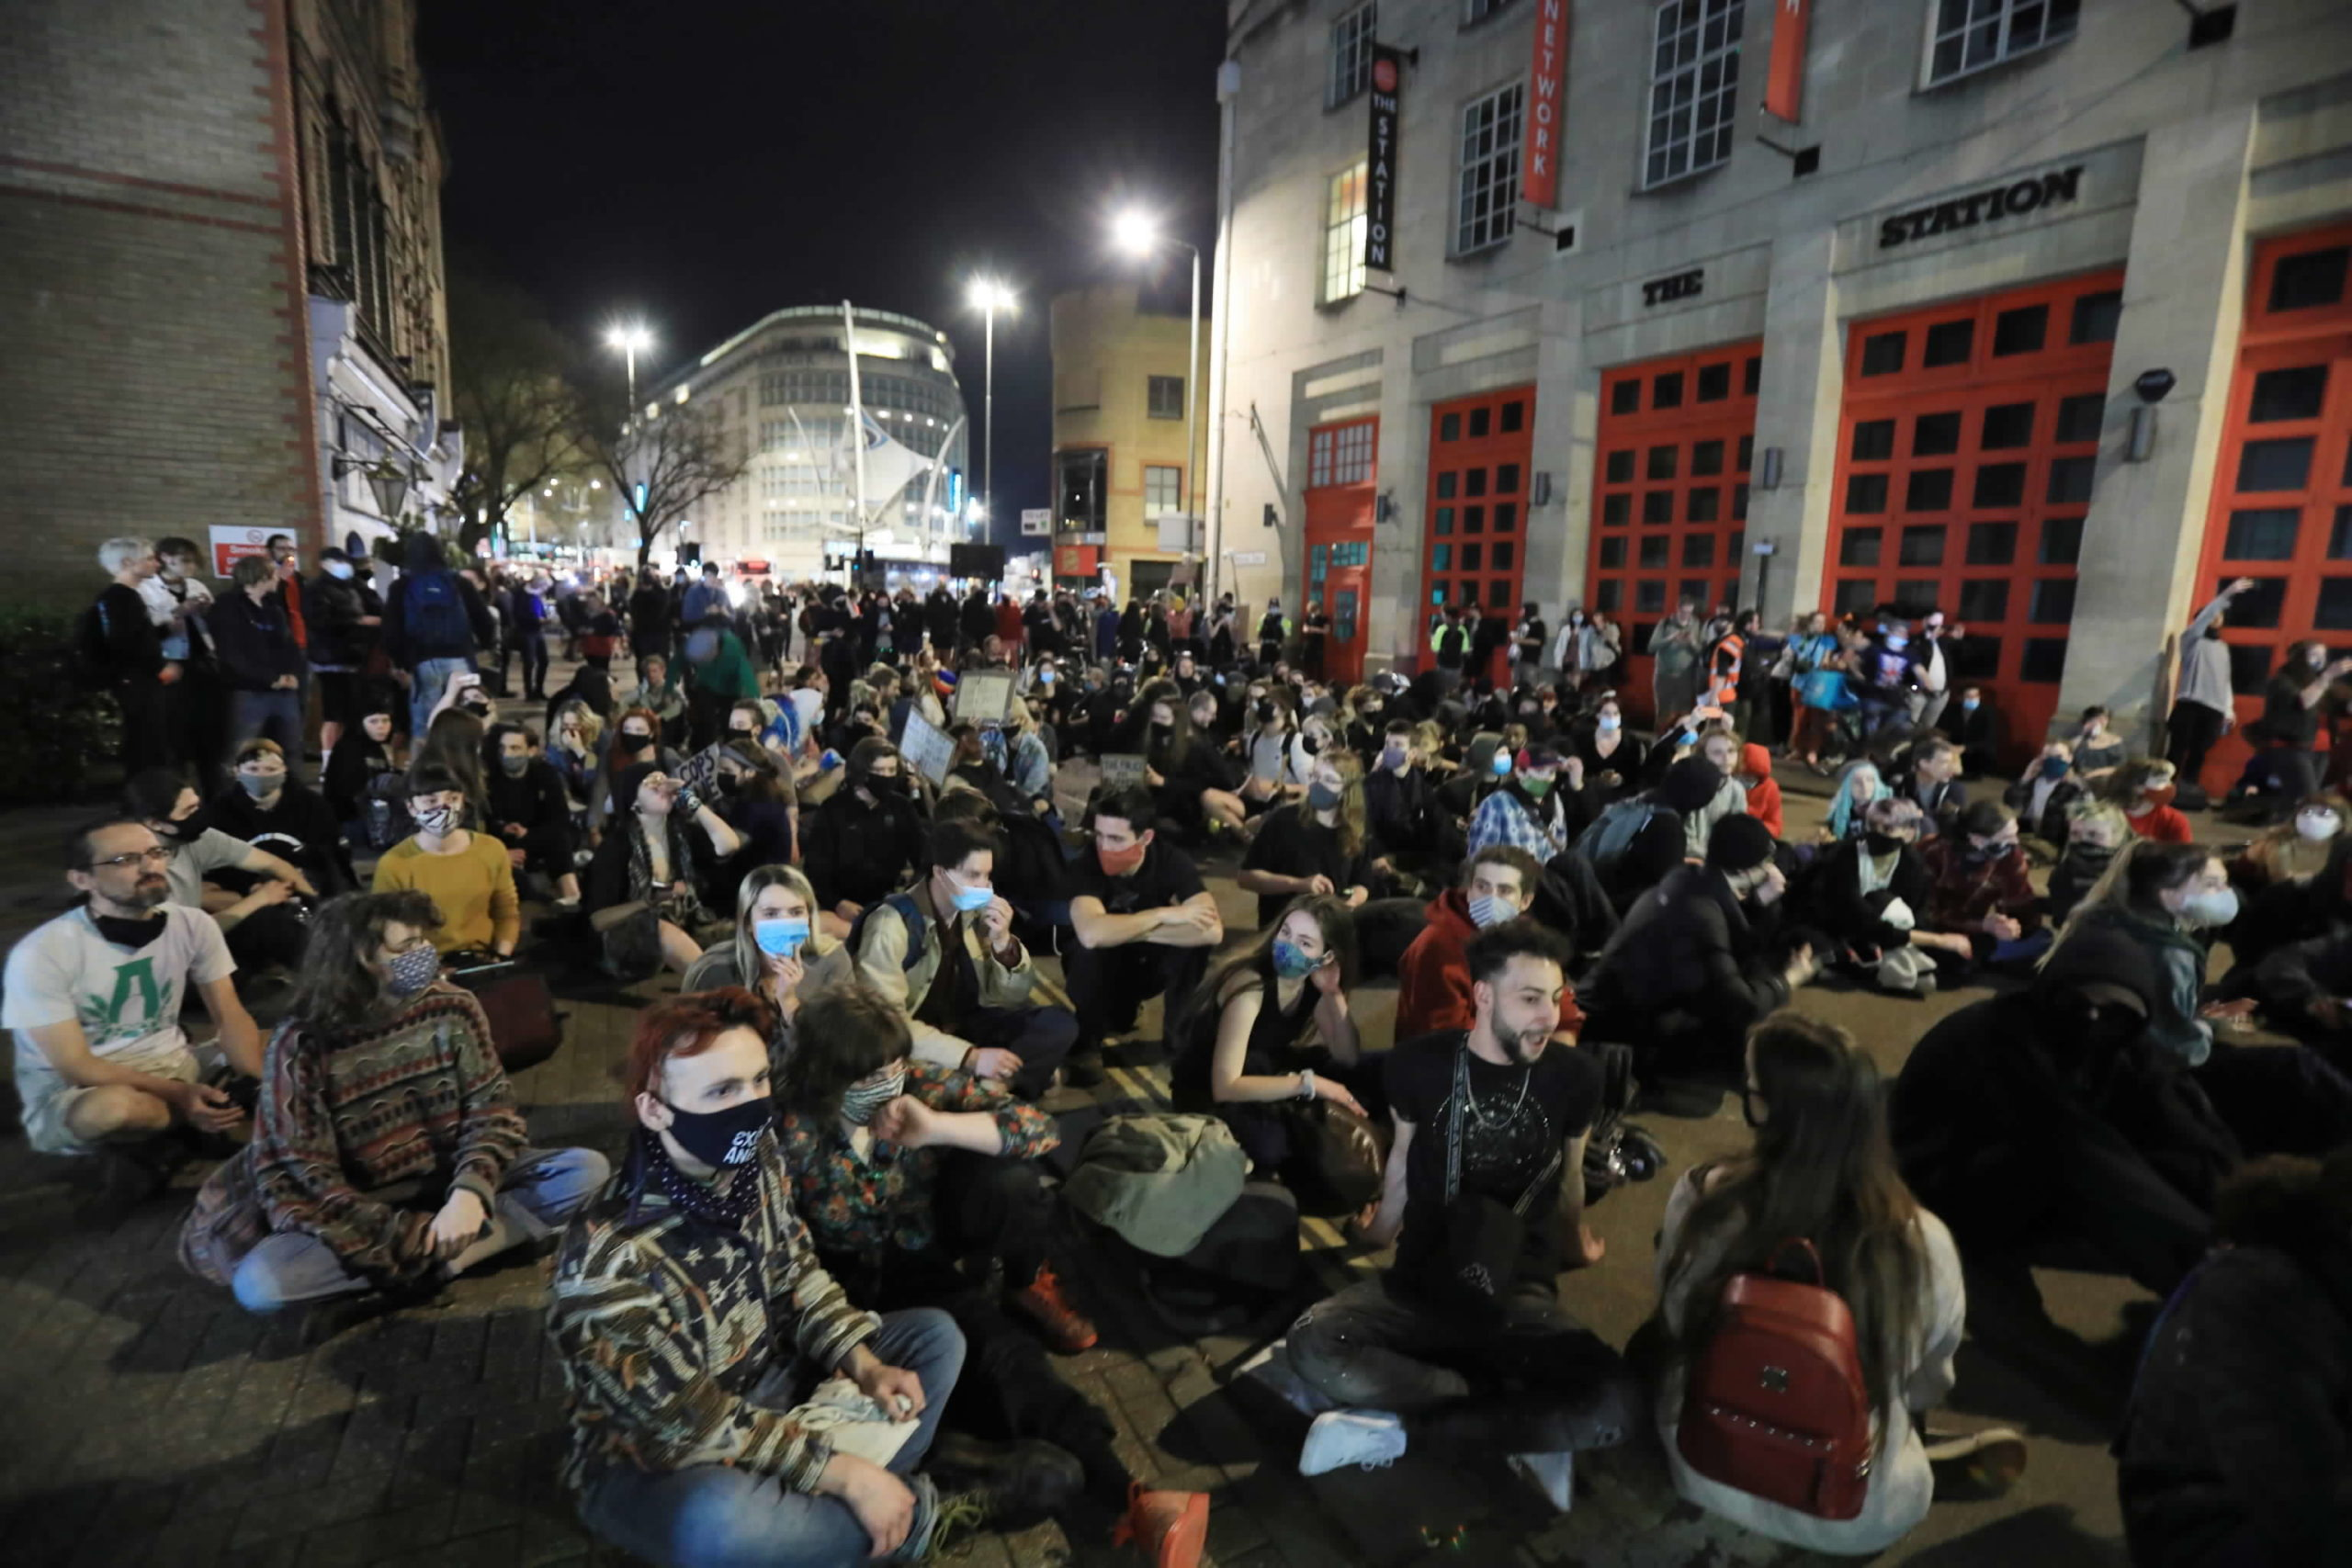 I manifestanti indossano le mascherine ma alcune veglie, nei giorni scorsi, non state autorizzate a causa del Covid